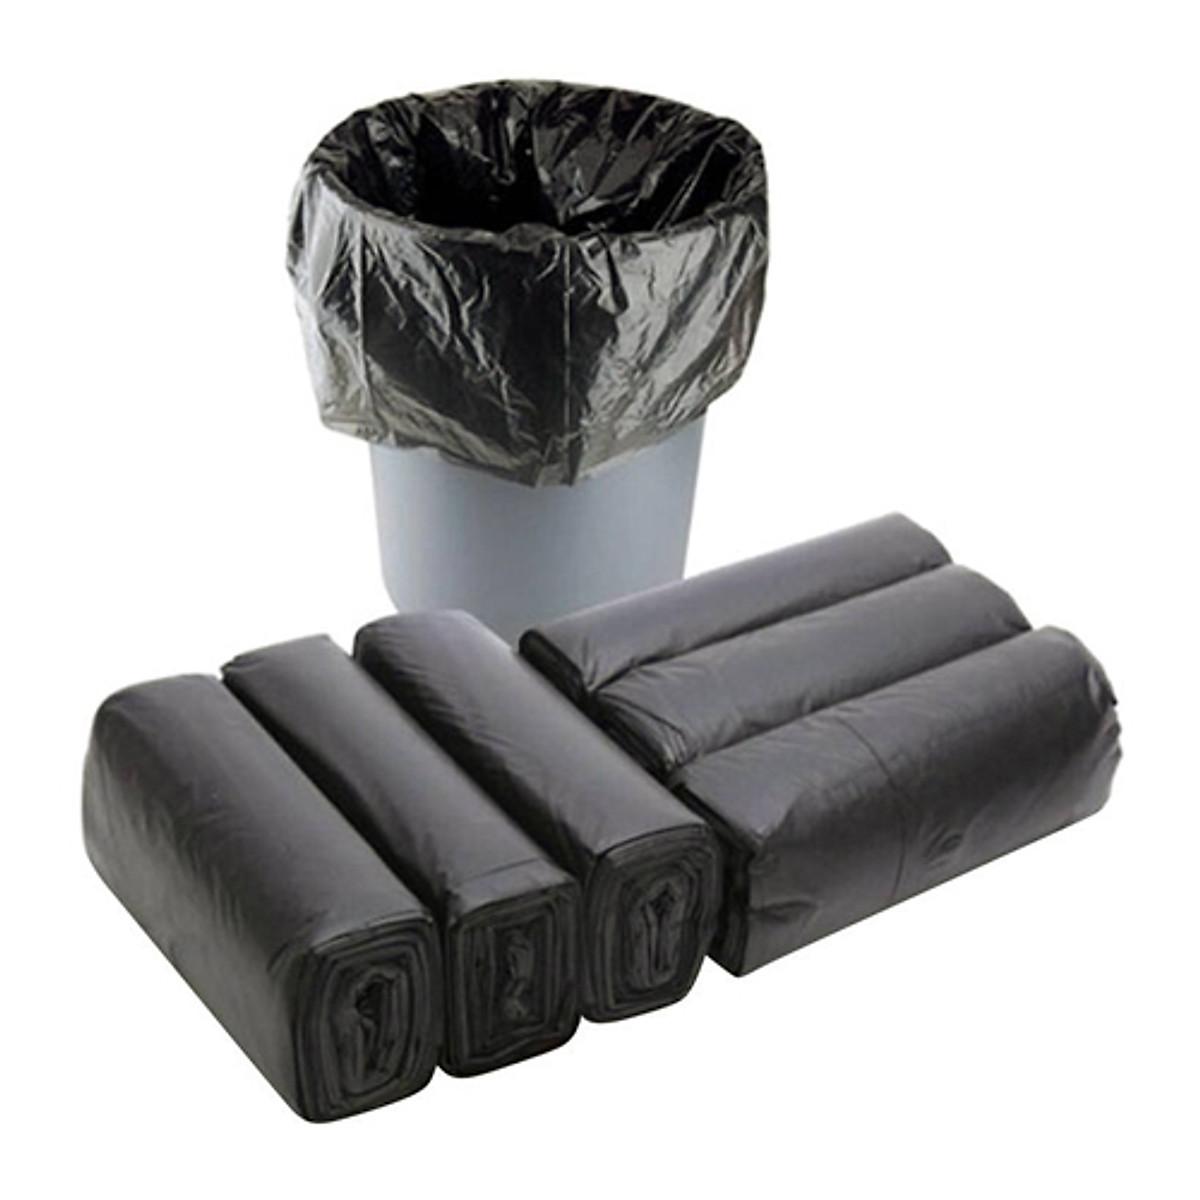 Combo 6 cuộn Túi đựng rác gia đình, Bao đựng rác văn phòng tiện lợi màu đen size tiểu 45x55 cm